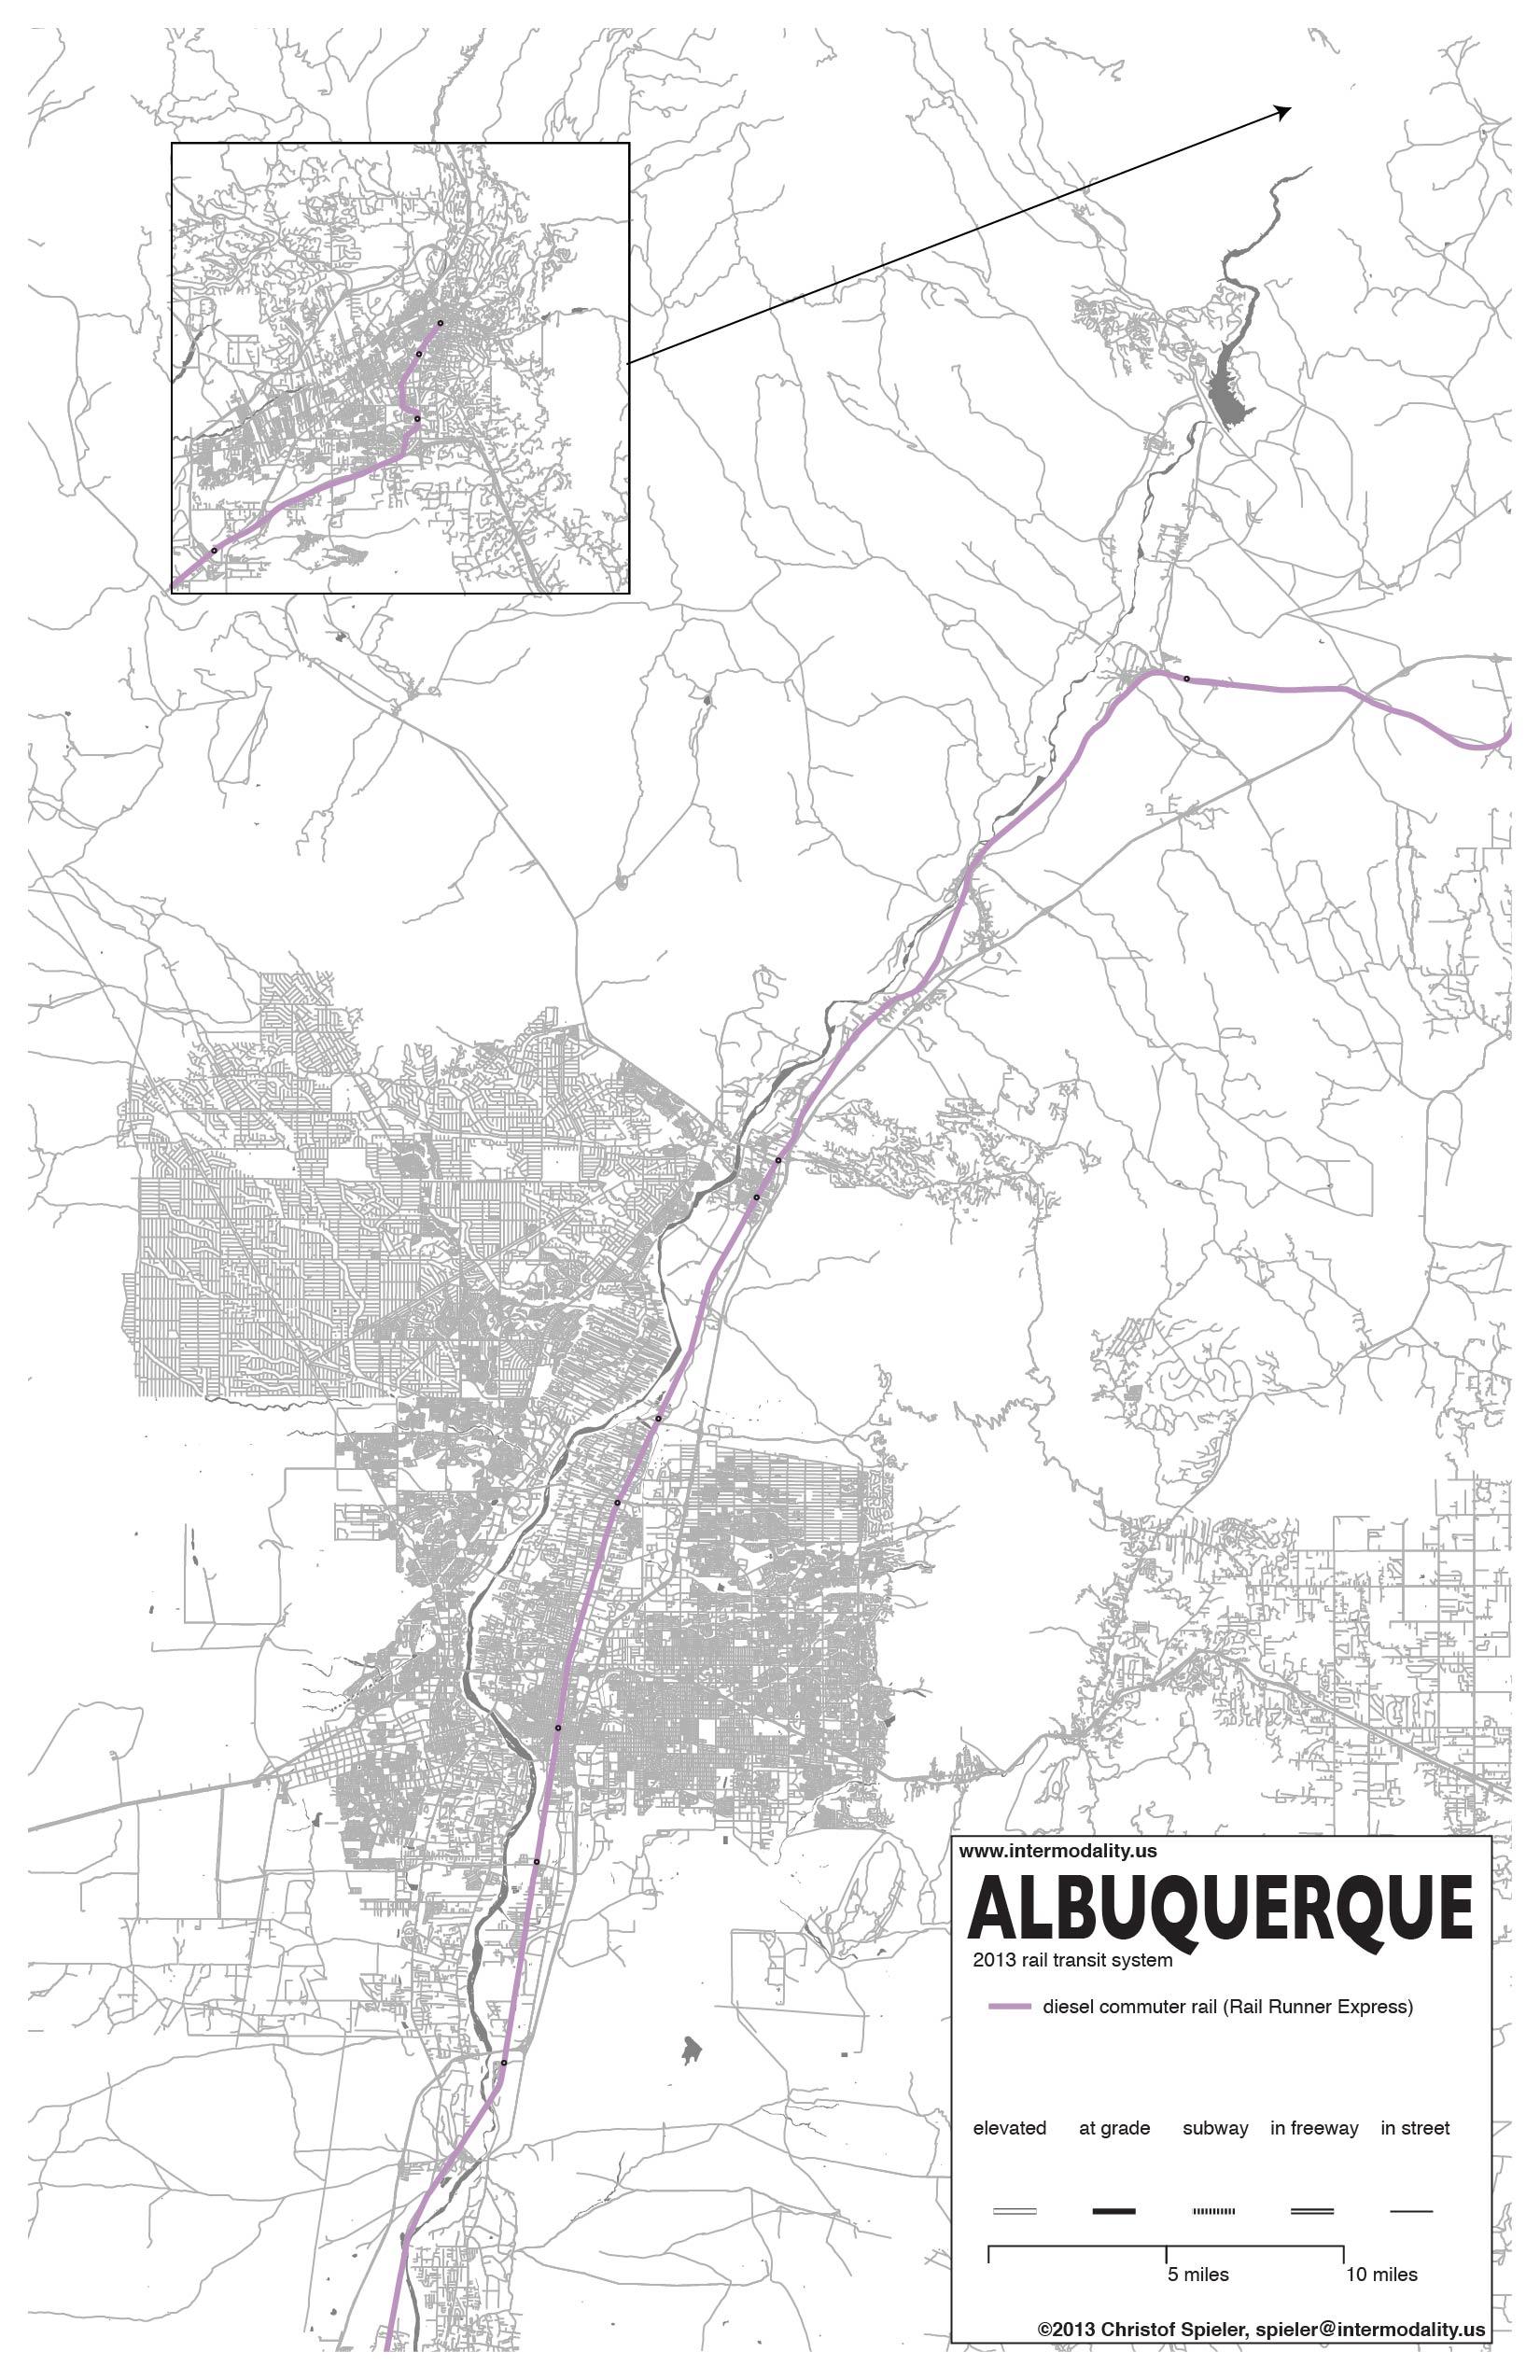 albuquerque final-01